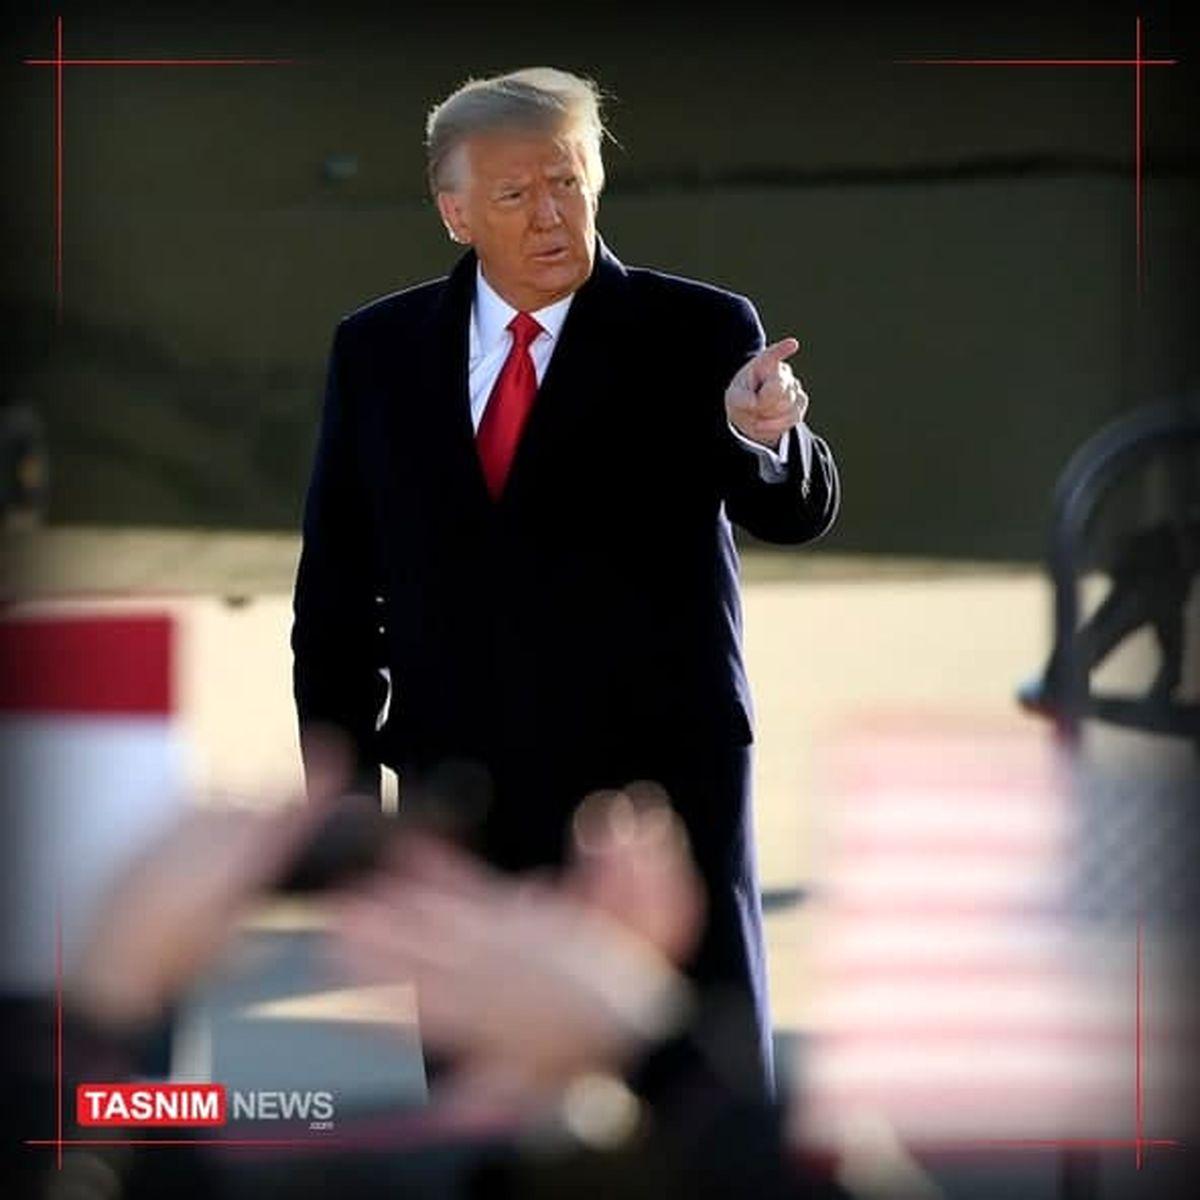 ترامپ: دموکراتها رویکرد منفعلانه در برابر ایران دارند